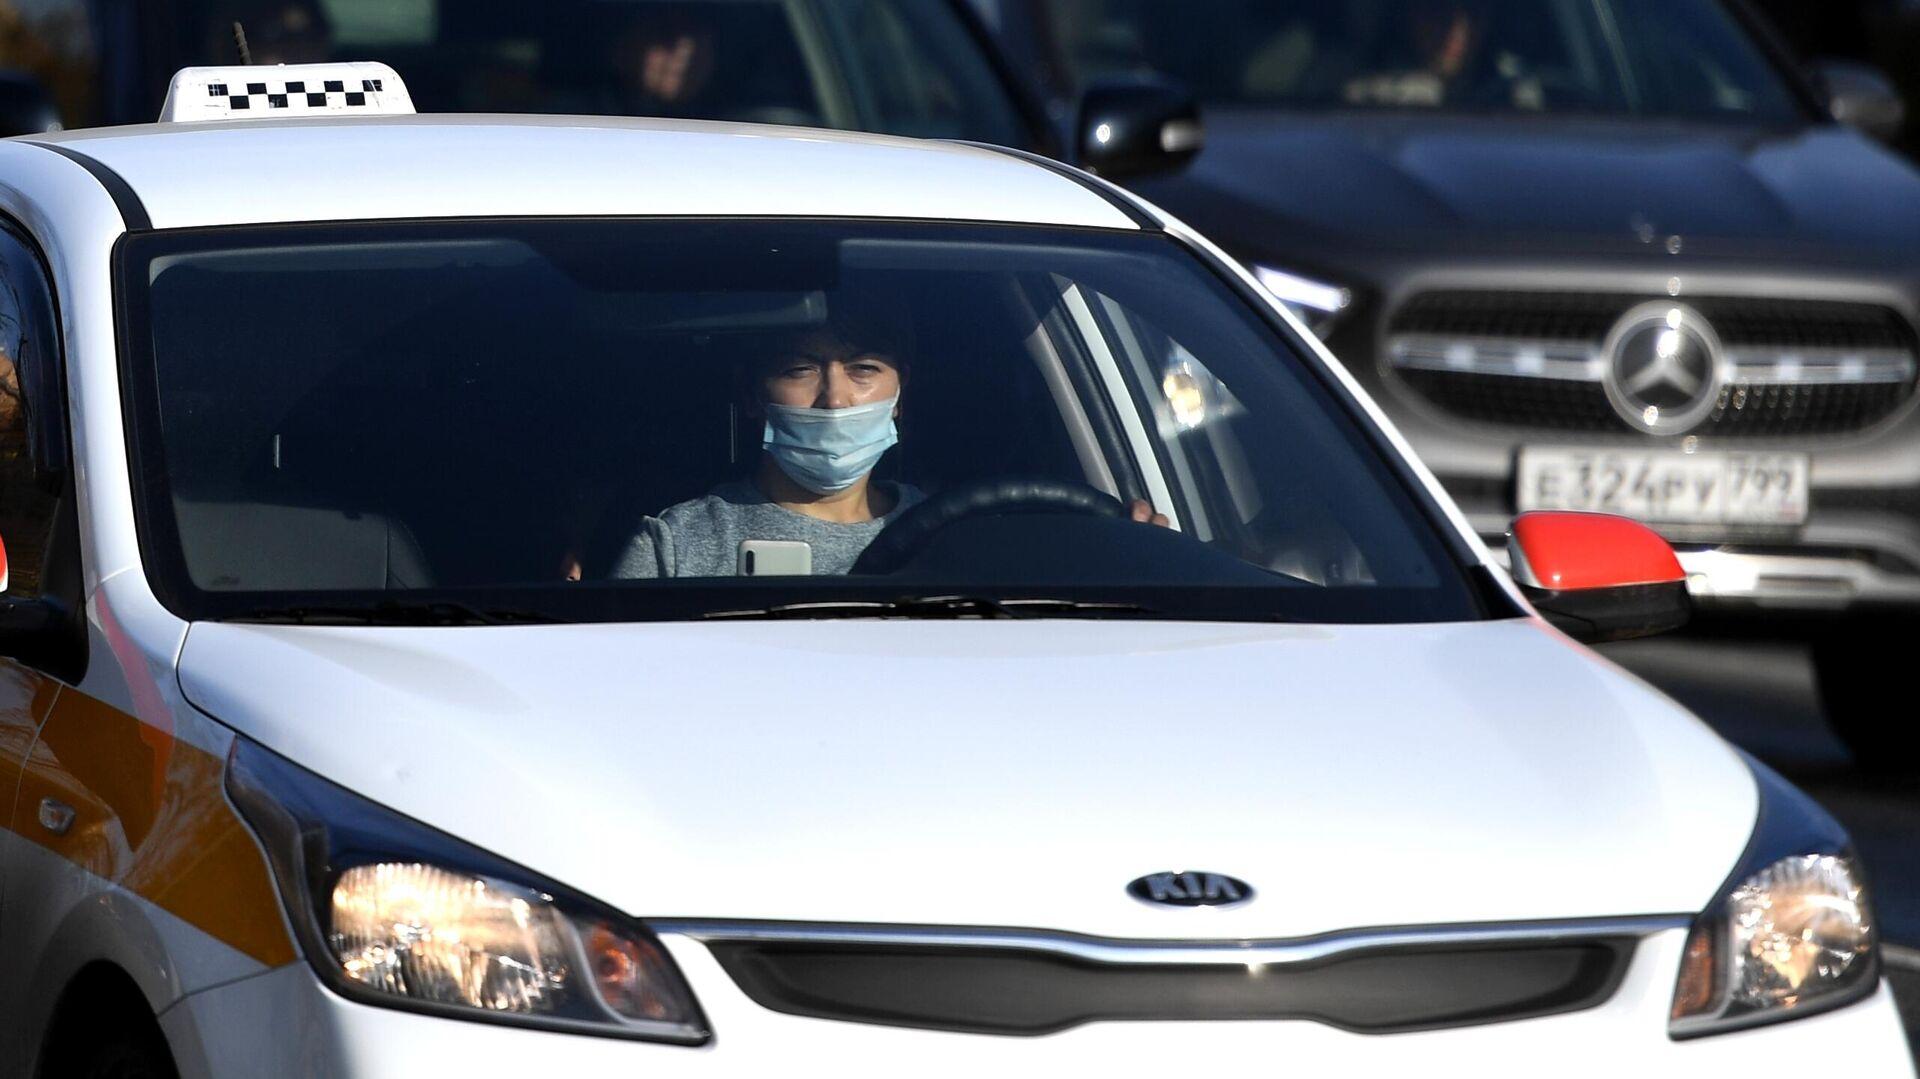 Водитель в защитной маске за рулем такси на одной из улиц в Москве - РИА Новости, 1920, 08.02.2021